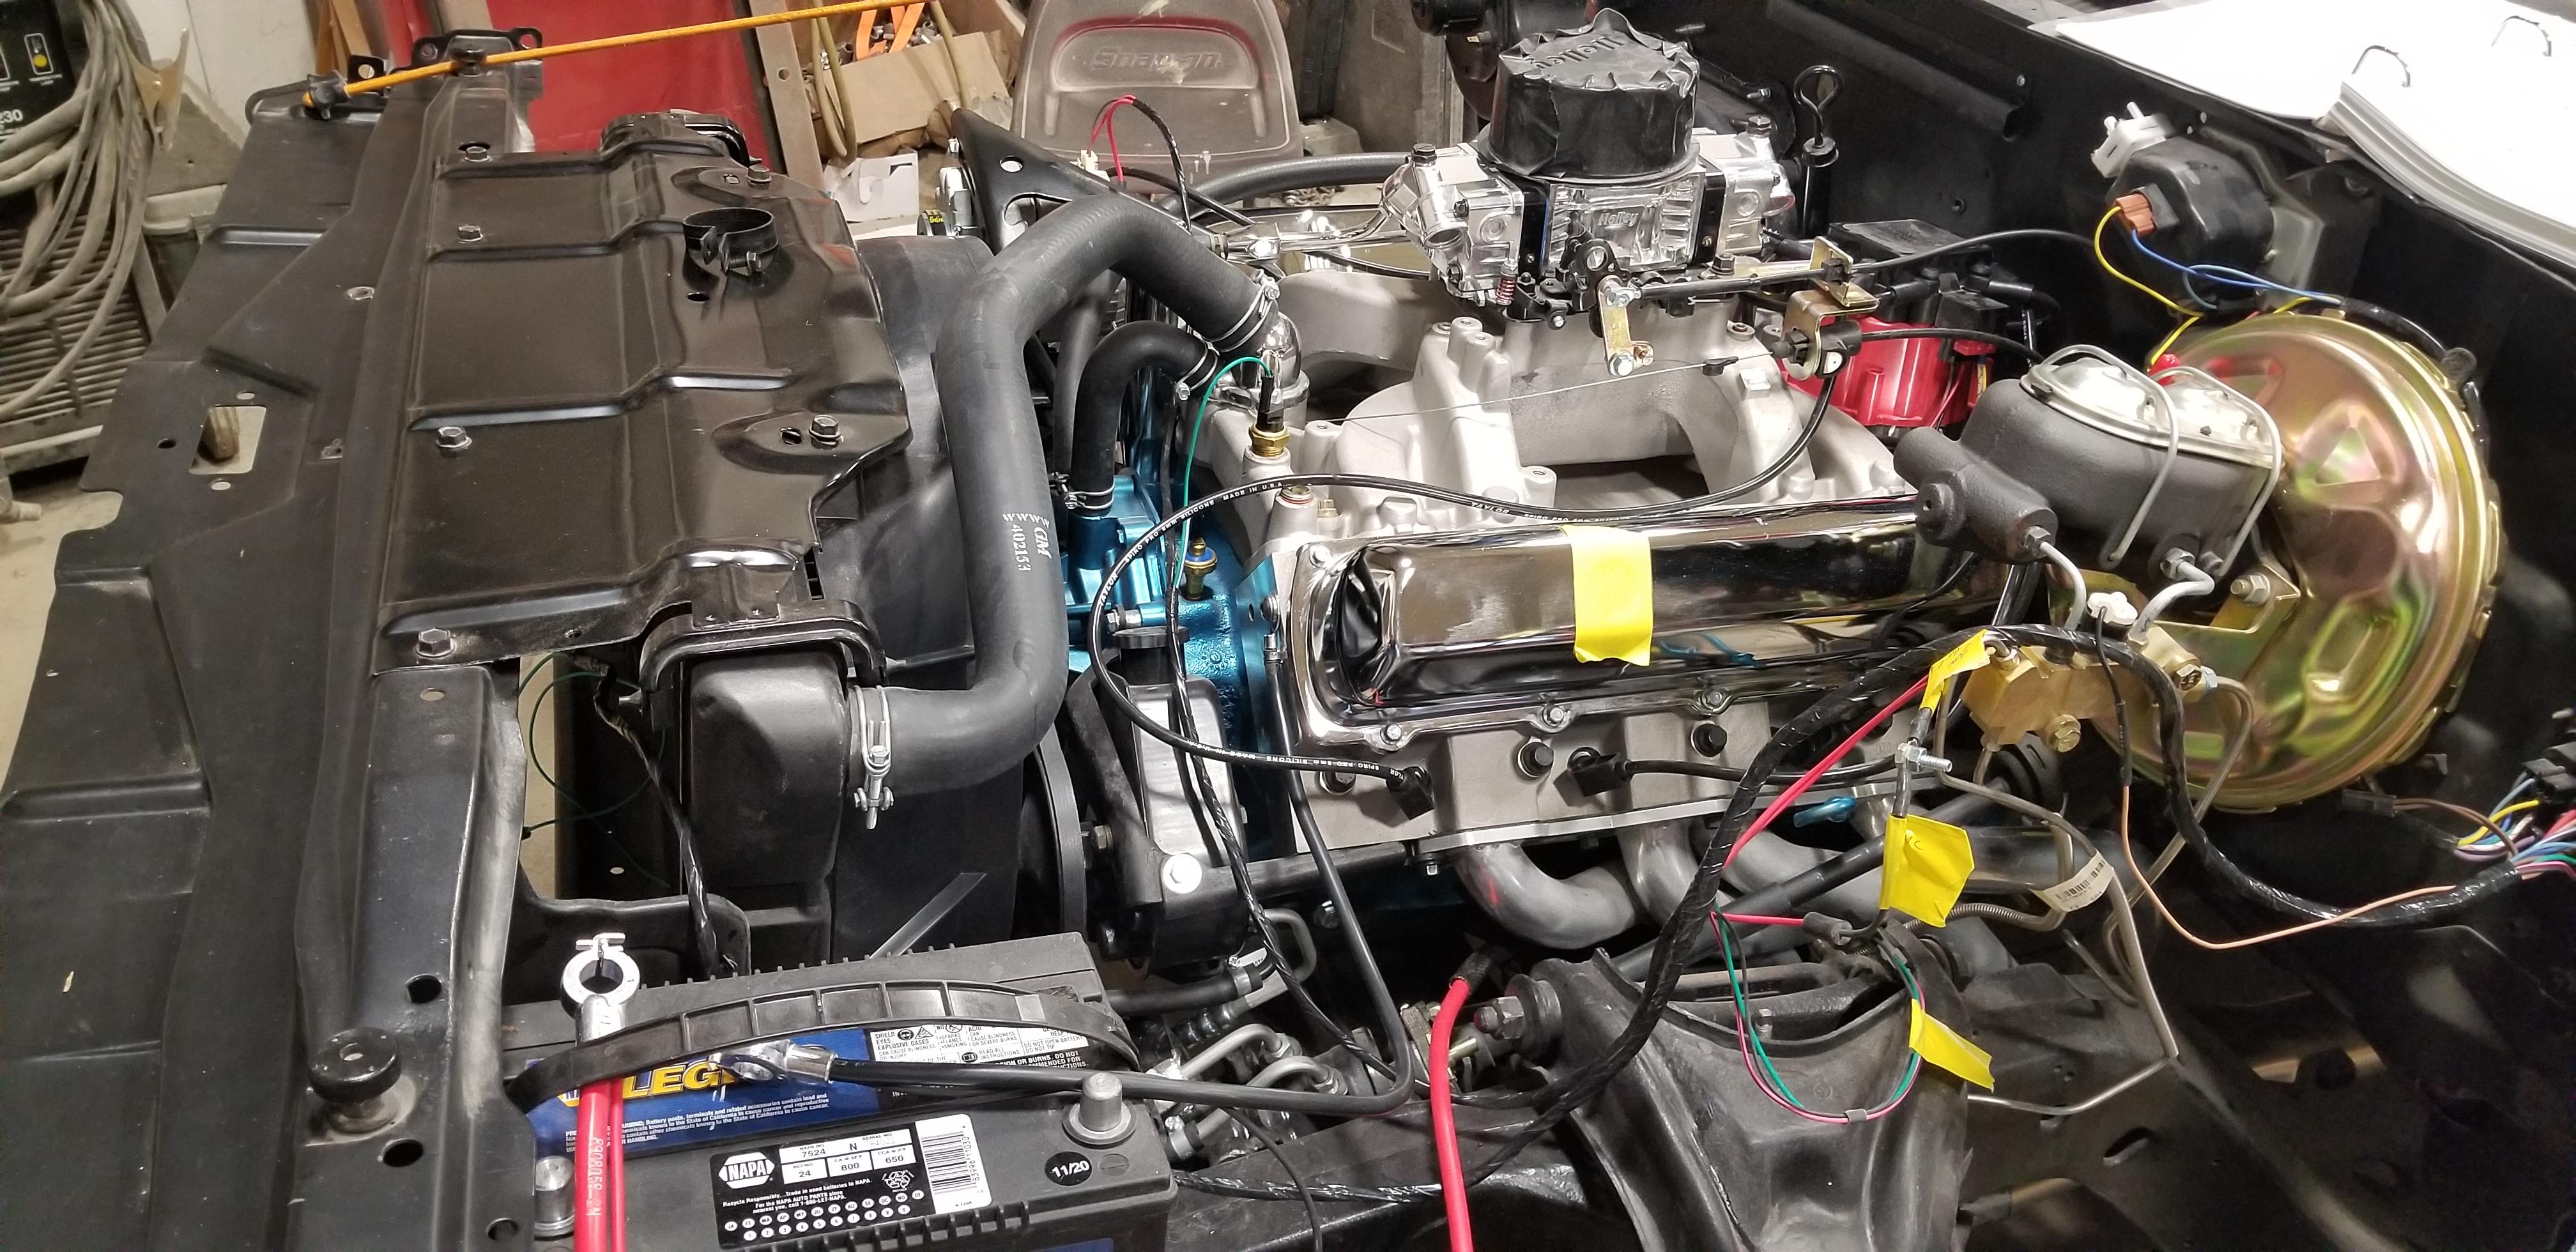 70 Olds Cutlass Restoration